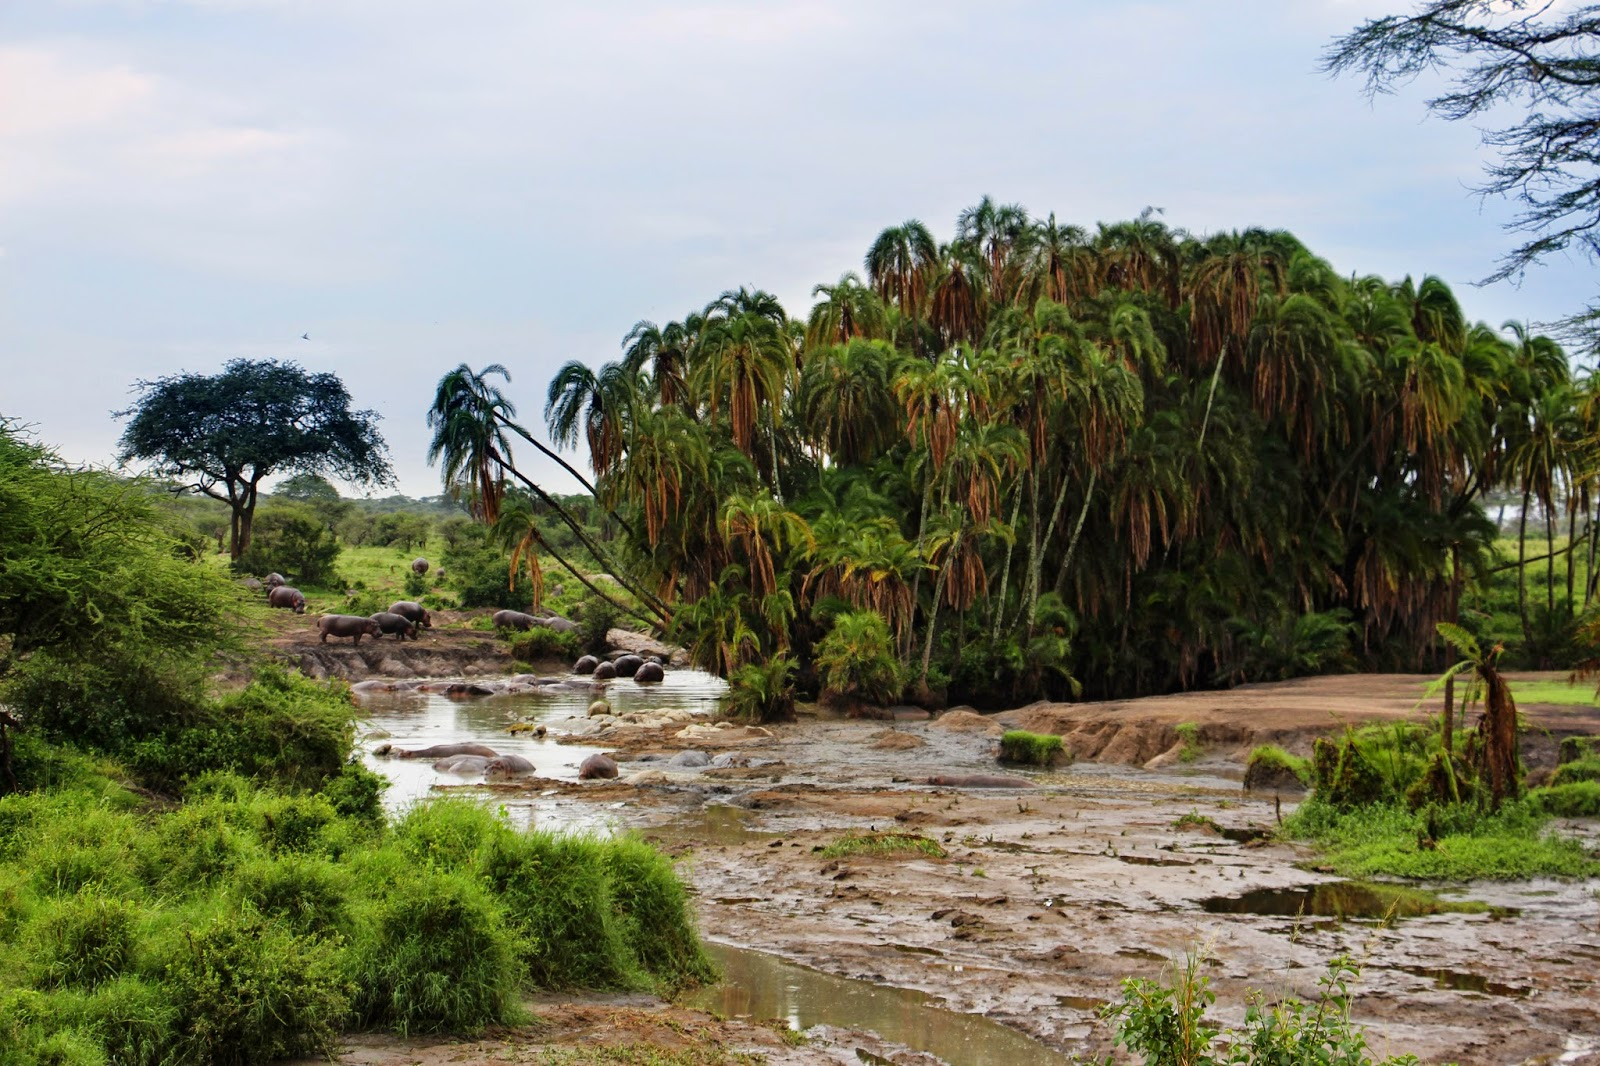 VER HIPOPÓTAMOS no Serengeti a tomar banho nas suas piscinas | Tanzânia